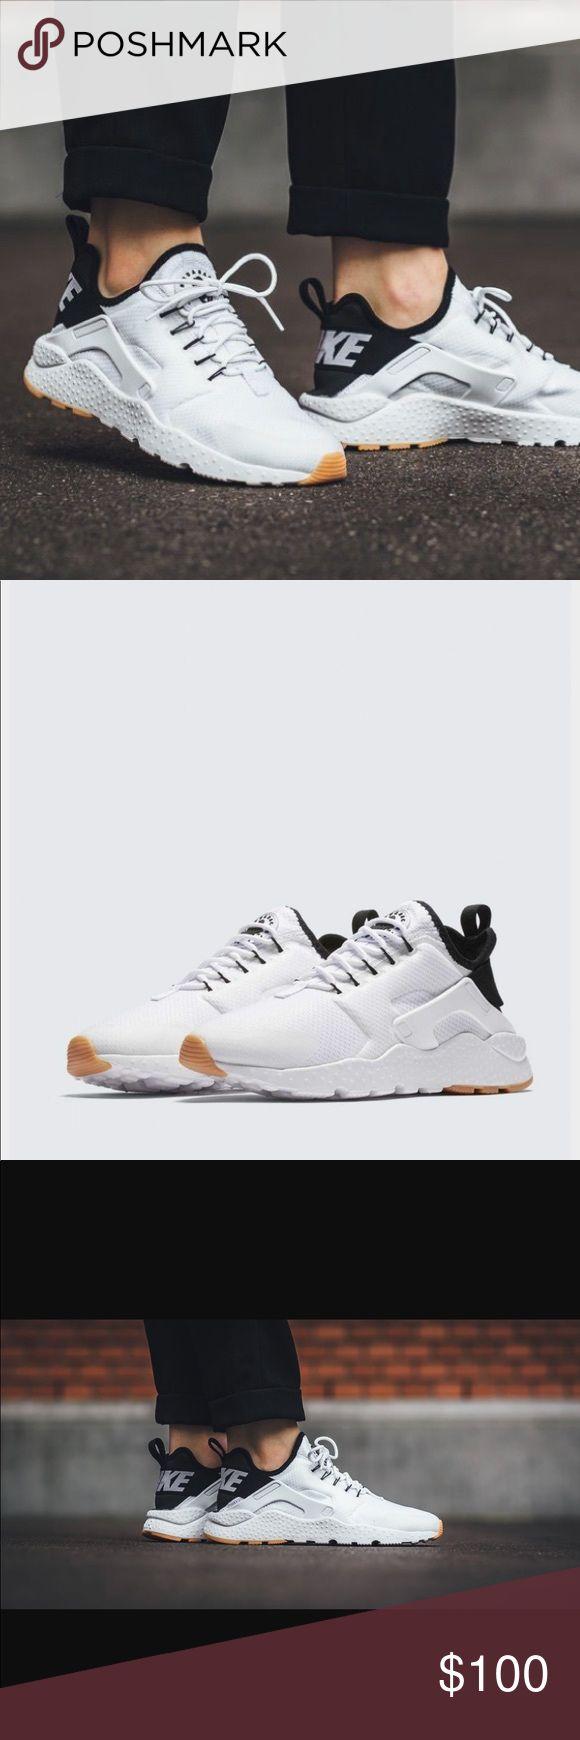 Nike HUARACHE ultra size 6.5,7,7.5,8,8.5,9,10, new Nike women's HUARACHE ultra size 6.5,7,7.5,8,8.5,9,10, new 100% authentic! Itemcloset#cinthr Nike Shoes